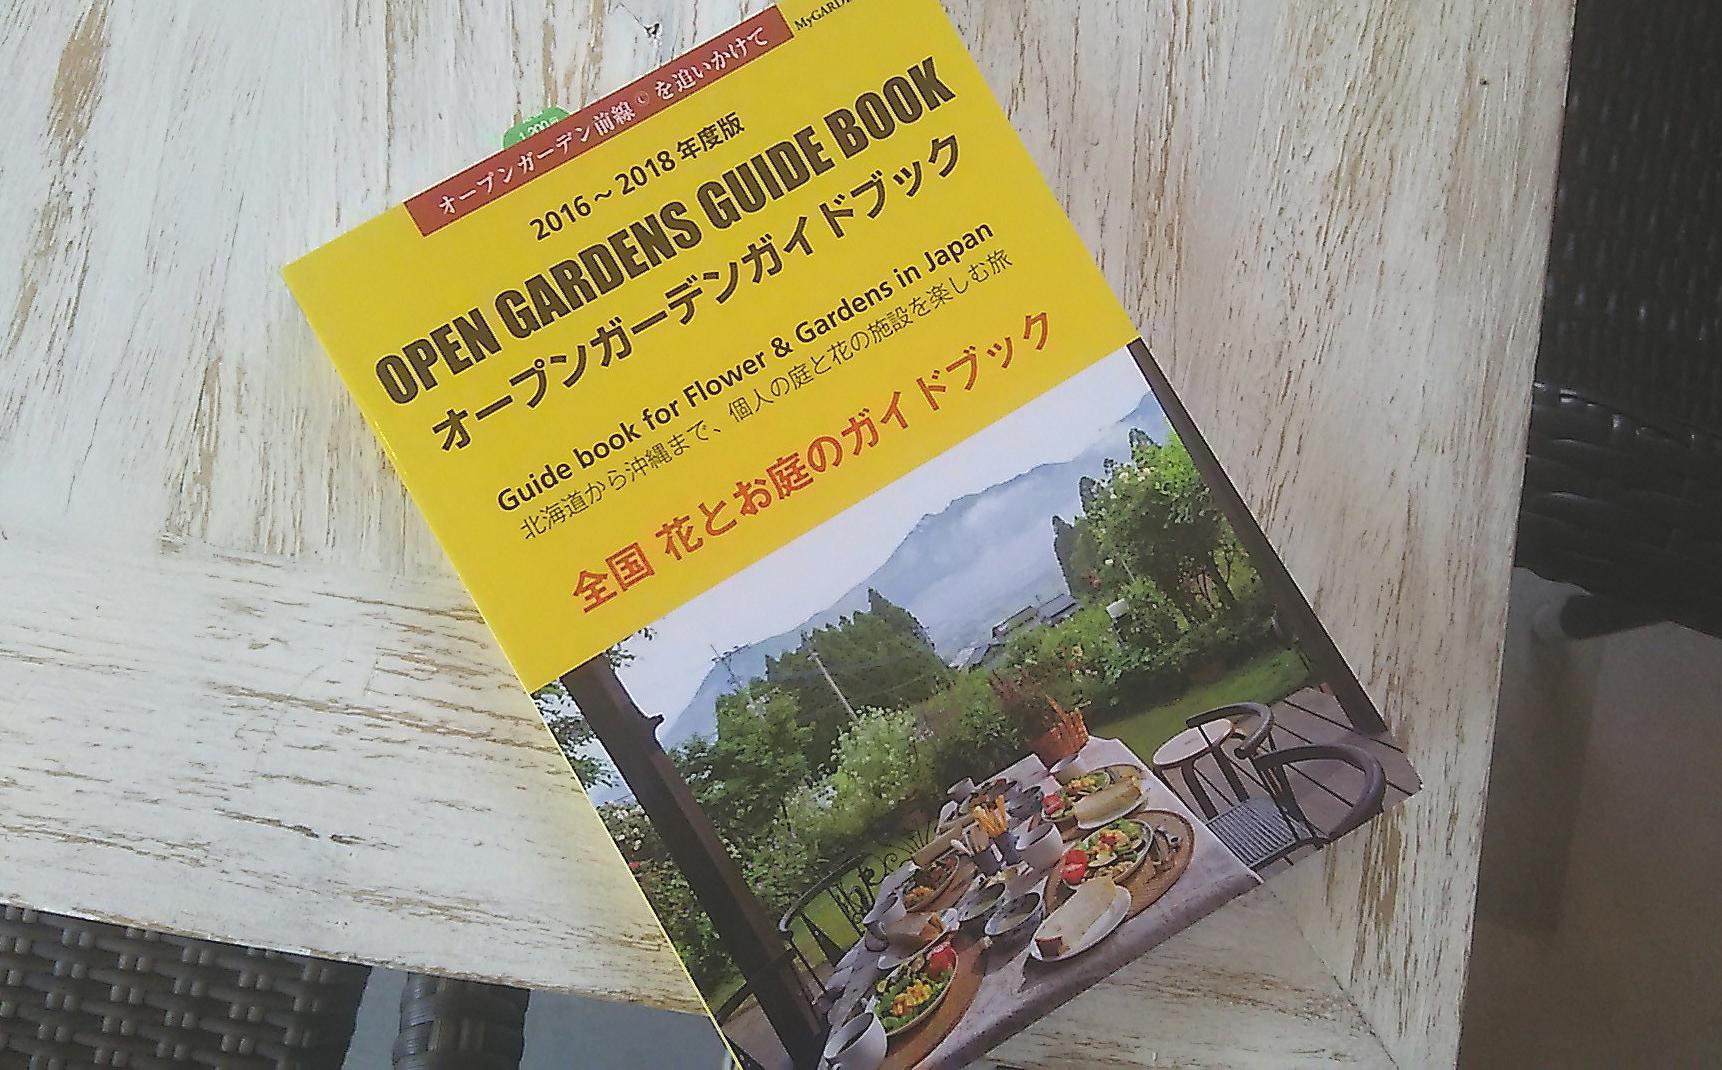 オープンガーデンハンドブック